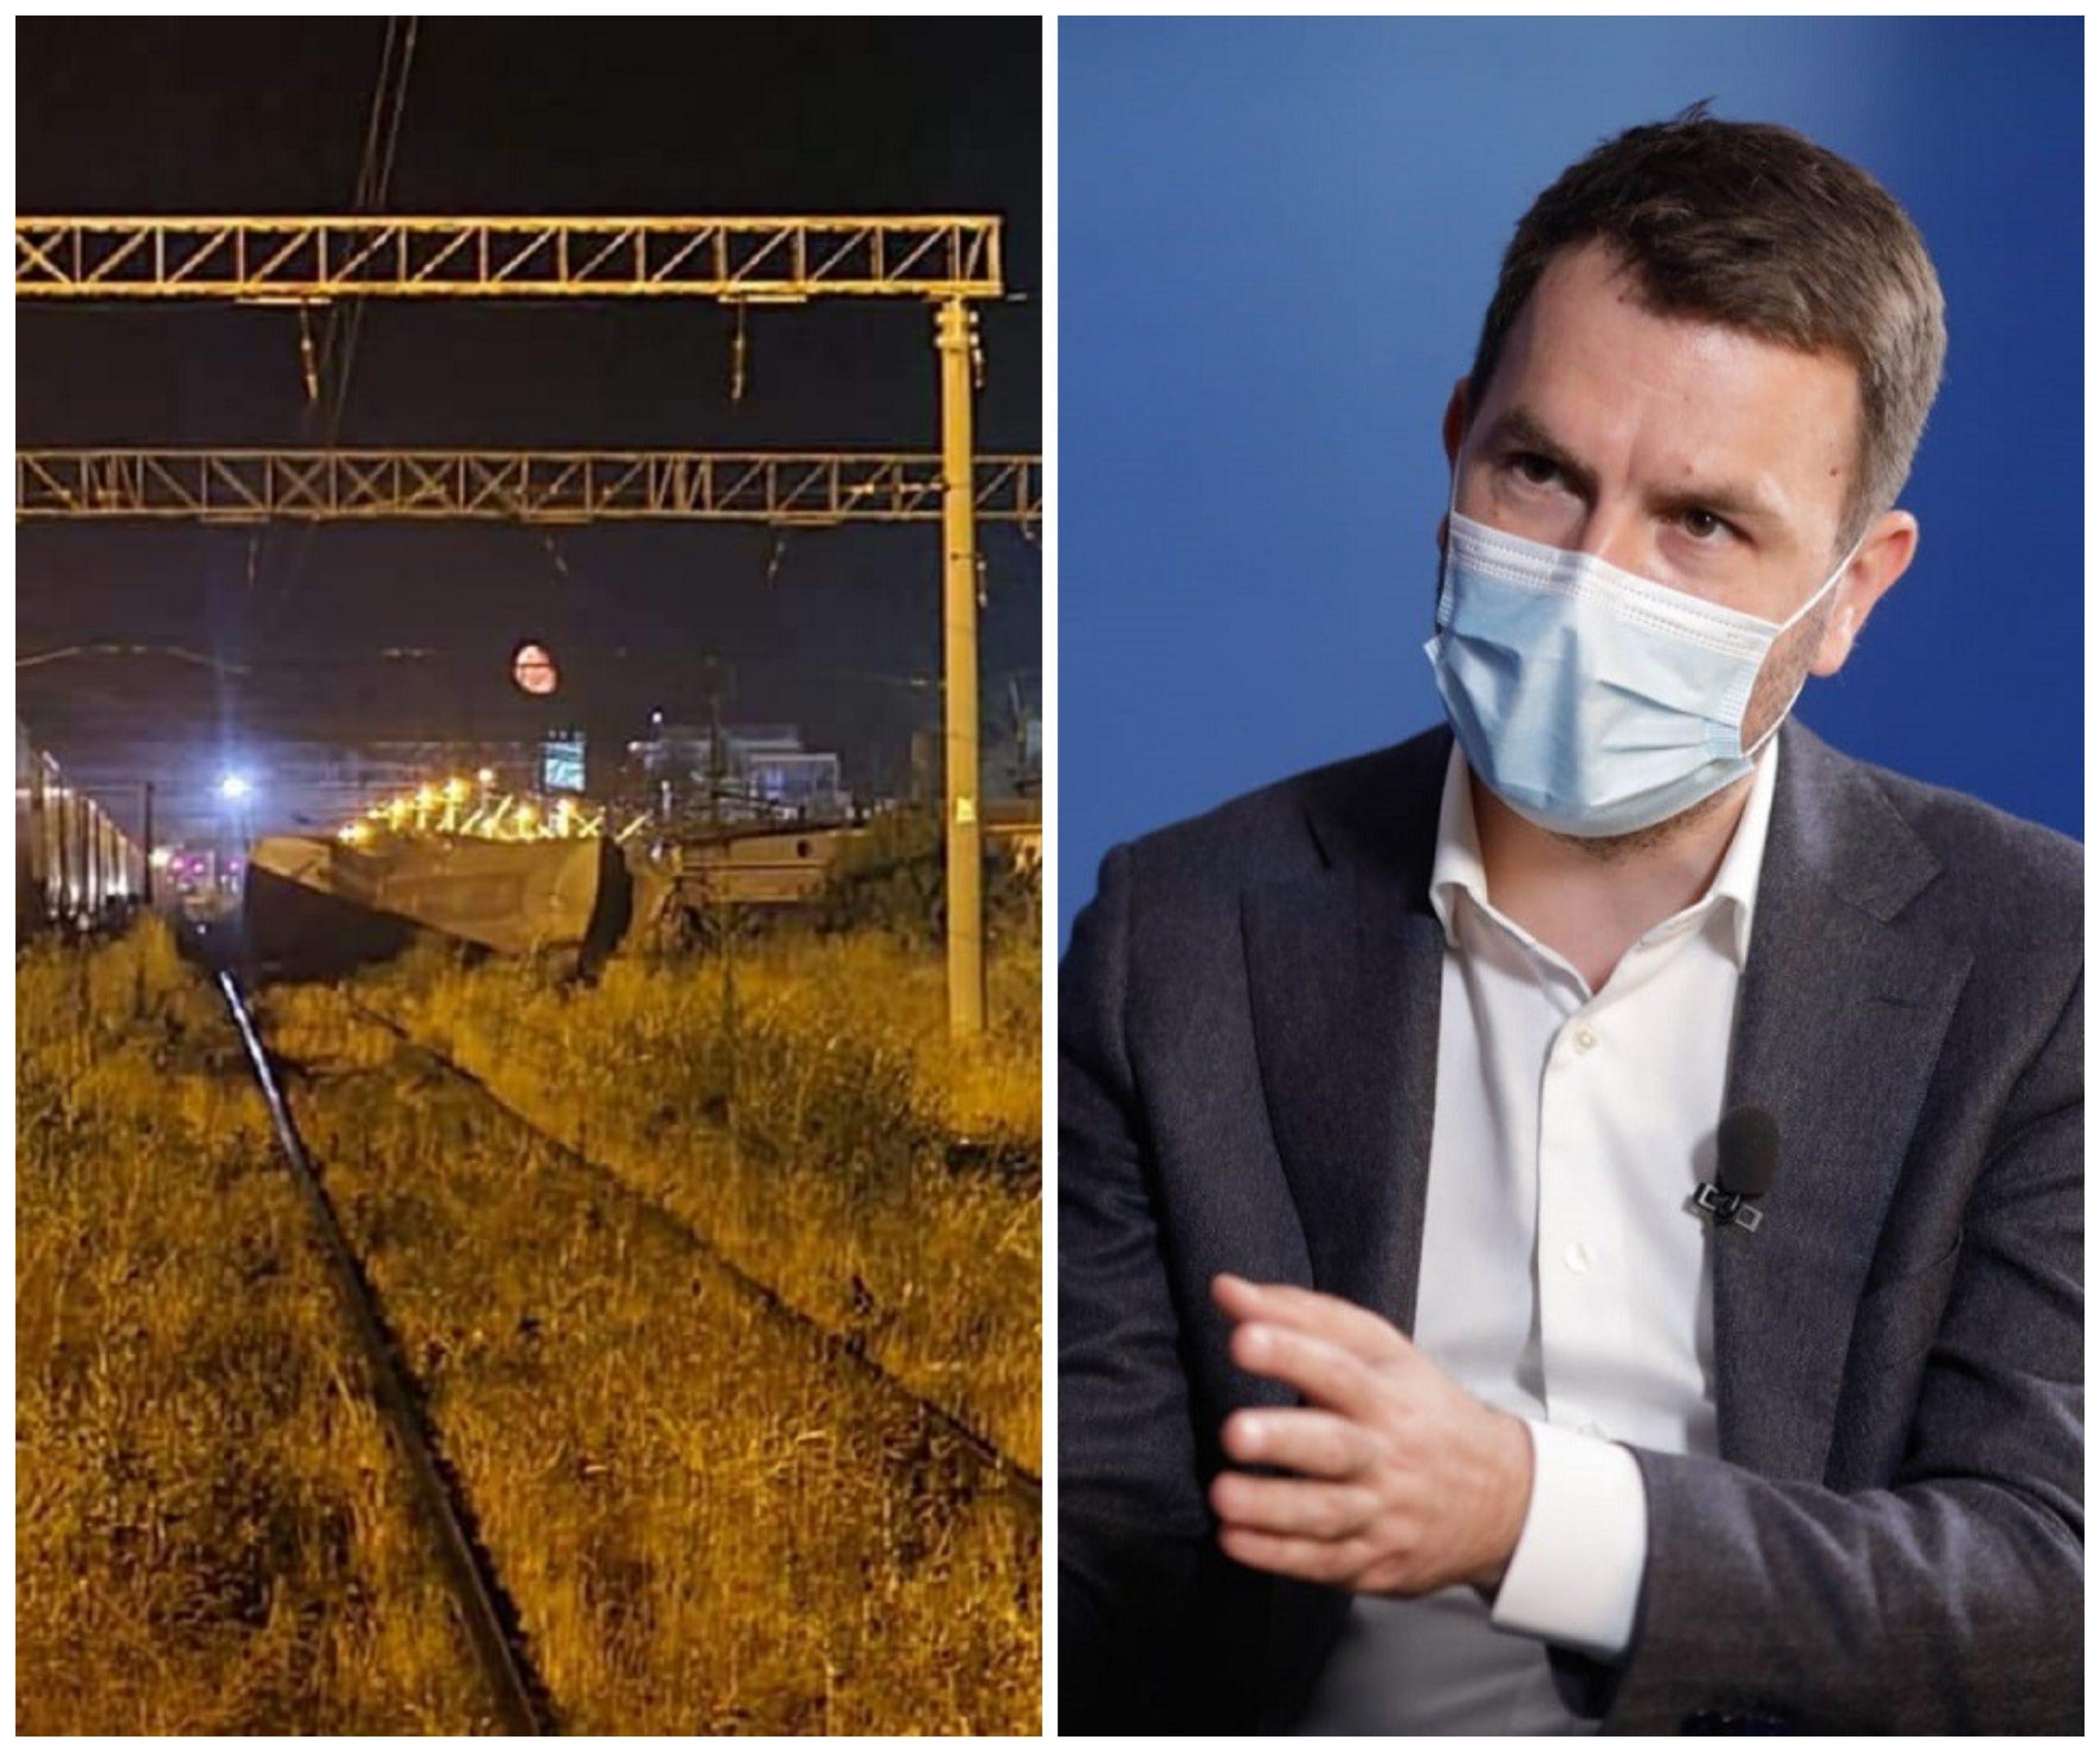 Accidentul feroviar de la Fetești. Mecanicul trenului era băut și a adormit, spune ministrul Transporturilor